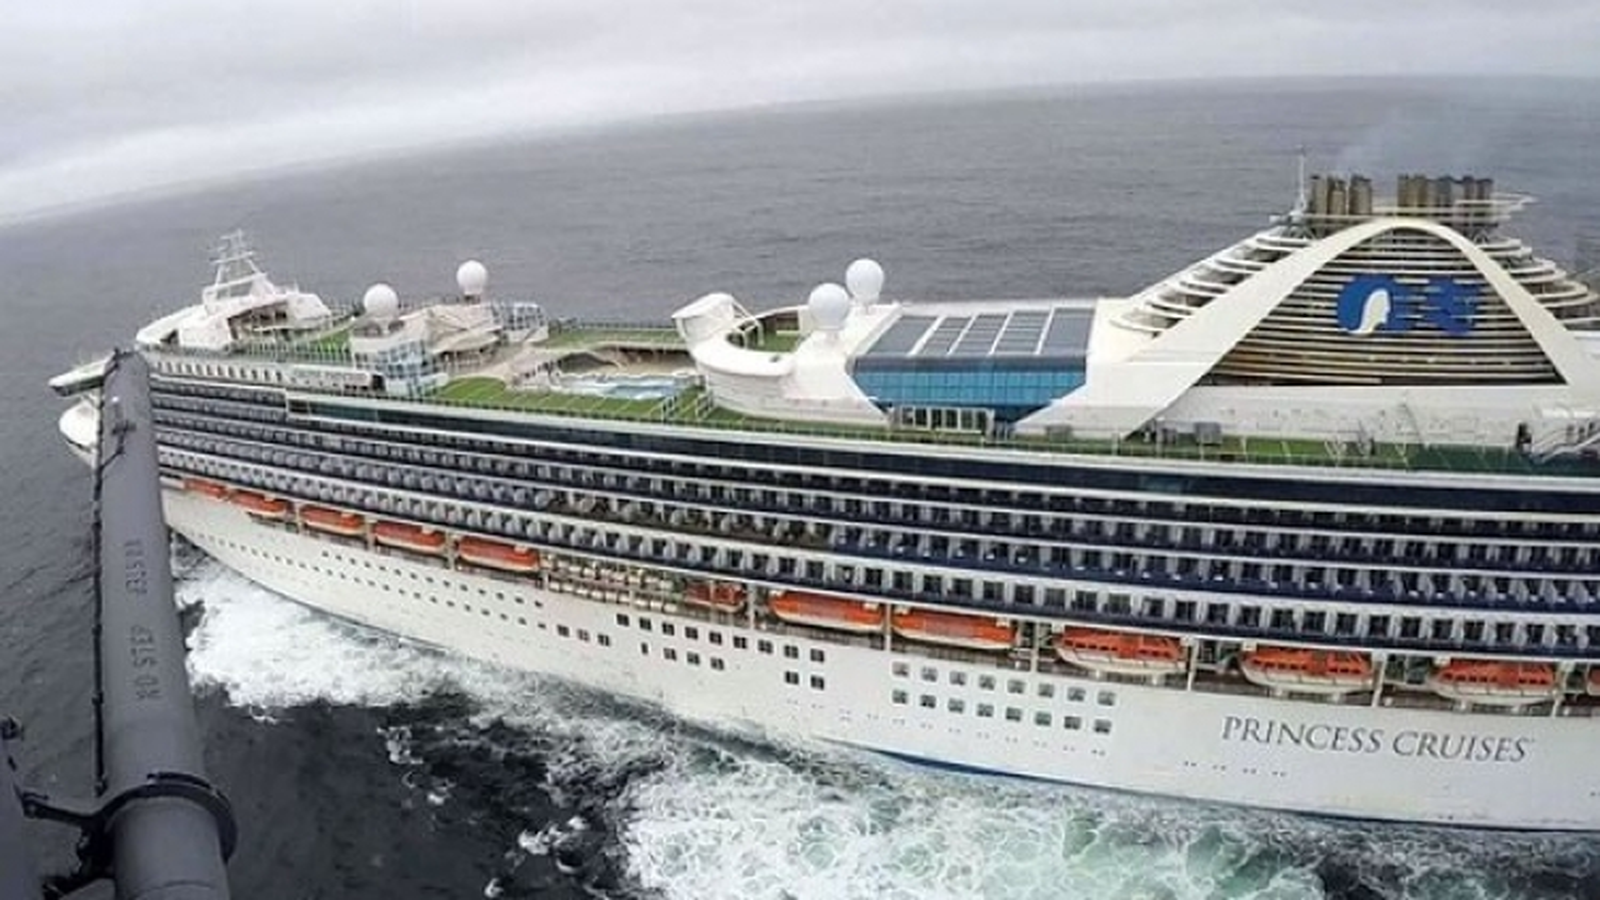 Mỹ cấm du lịch bằng tàu biển đến cuối tháng 9 do Covid-19 bùng phát